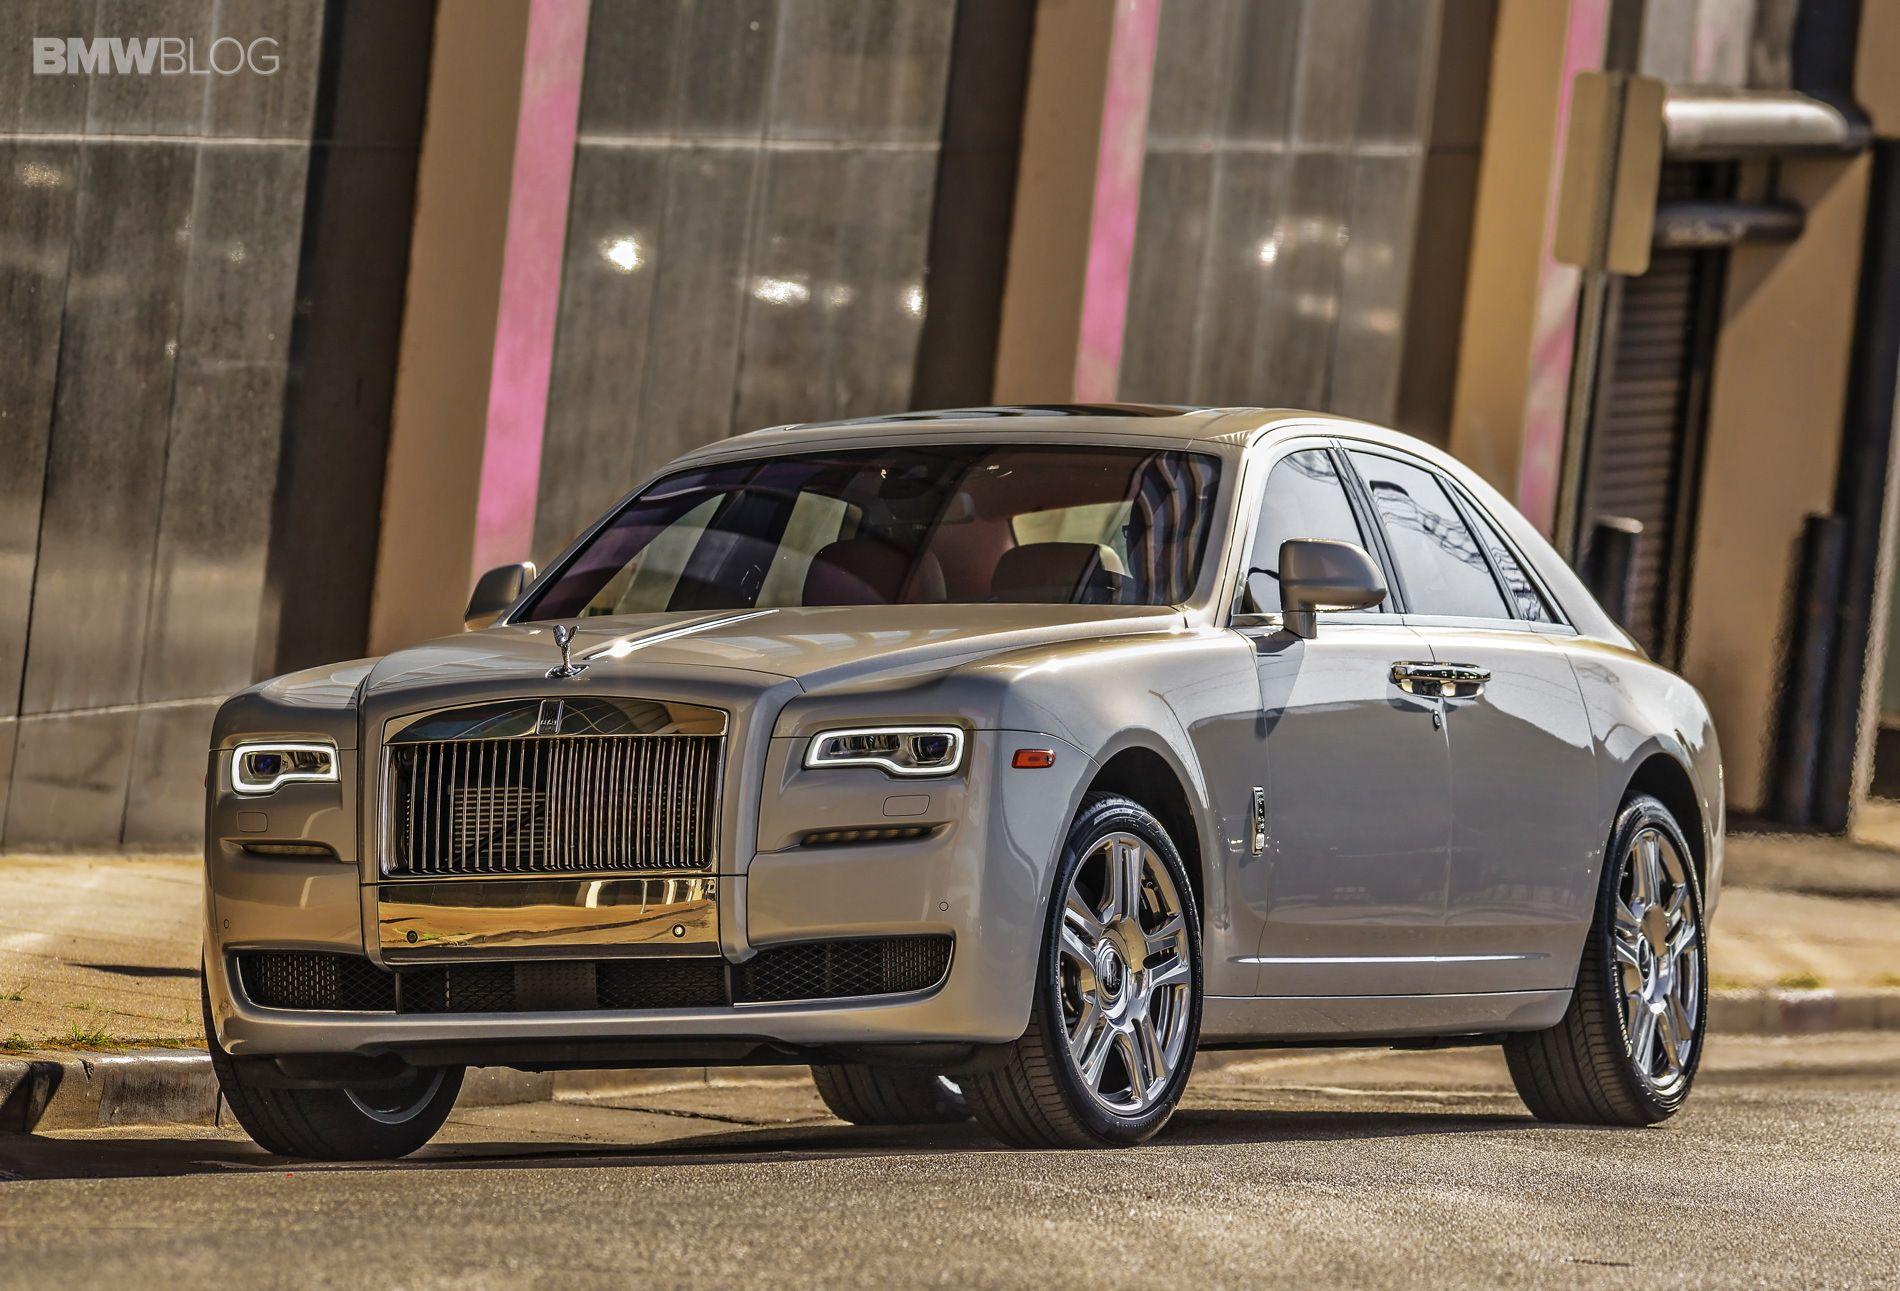 Kylie Jenner Flaunts New 320 000 Rolls Royce Ghost Rolls Royce Rolls Royce Phantom Price Royce